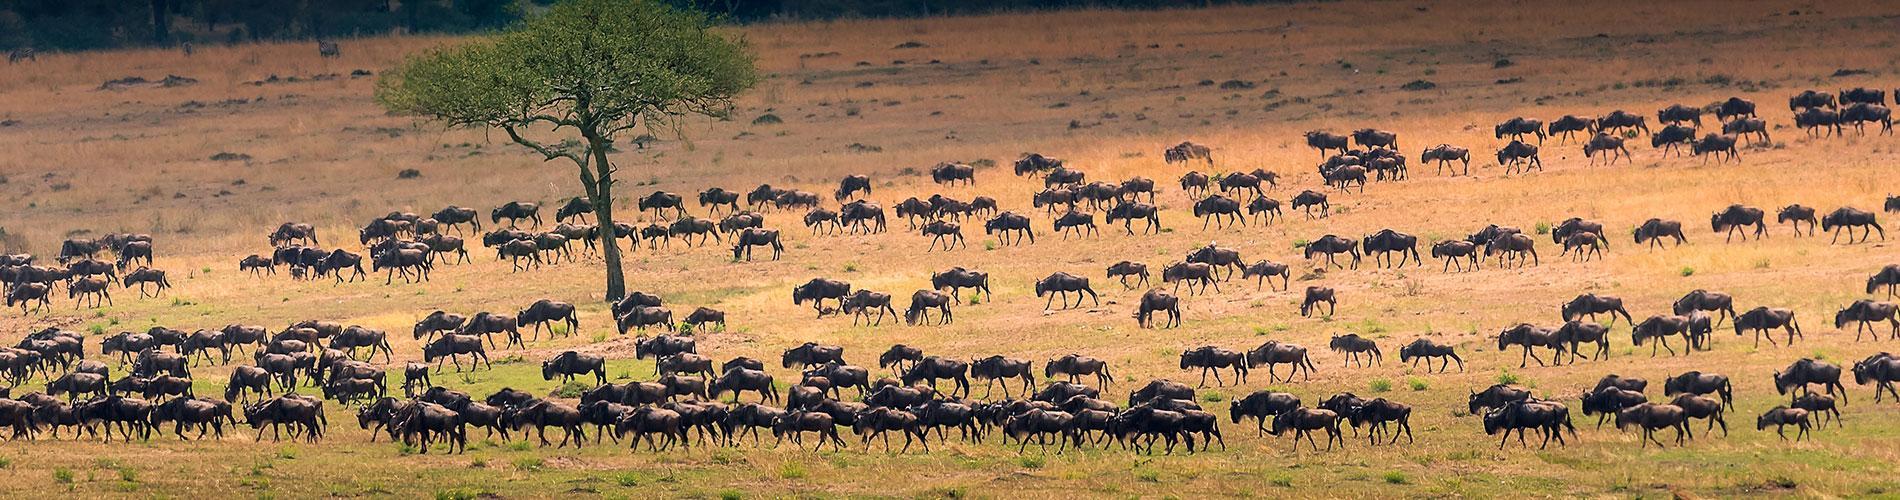 Tanzania El Sueño de África